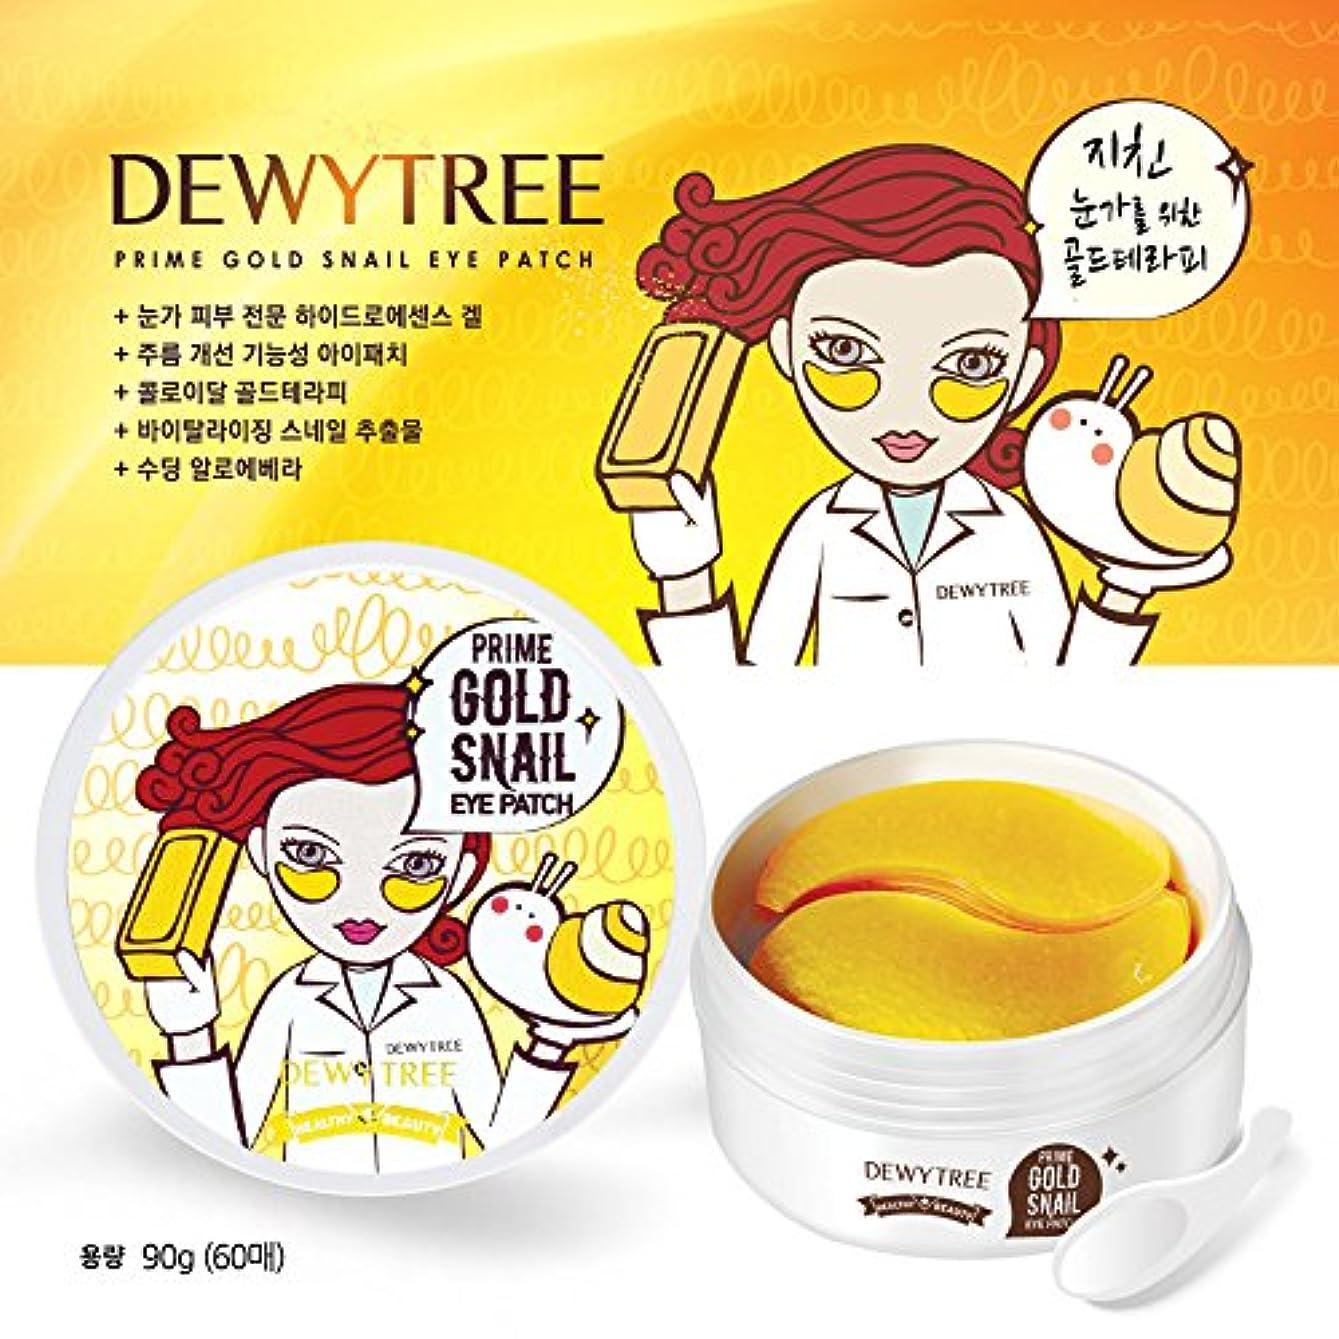 びっくり含むチャンスDEWYTREE Prime Gold Snail Eye Patch 60ea (PRIME GOLD SNAIL)/デュイツリー プライム ゴールド スネイル アイパッチ 60ea (プライム ゴールド スネイル)